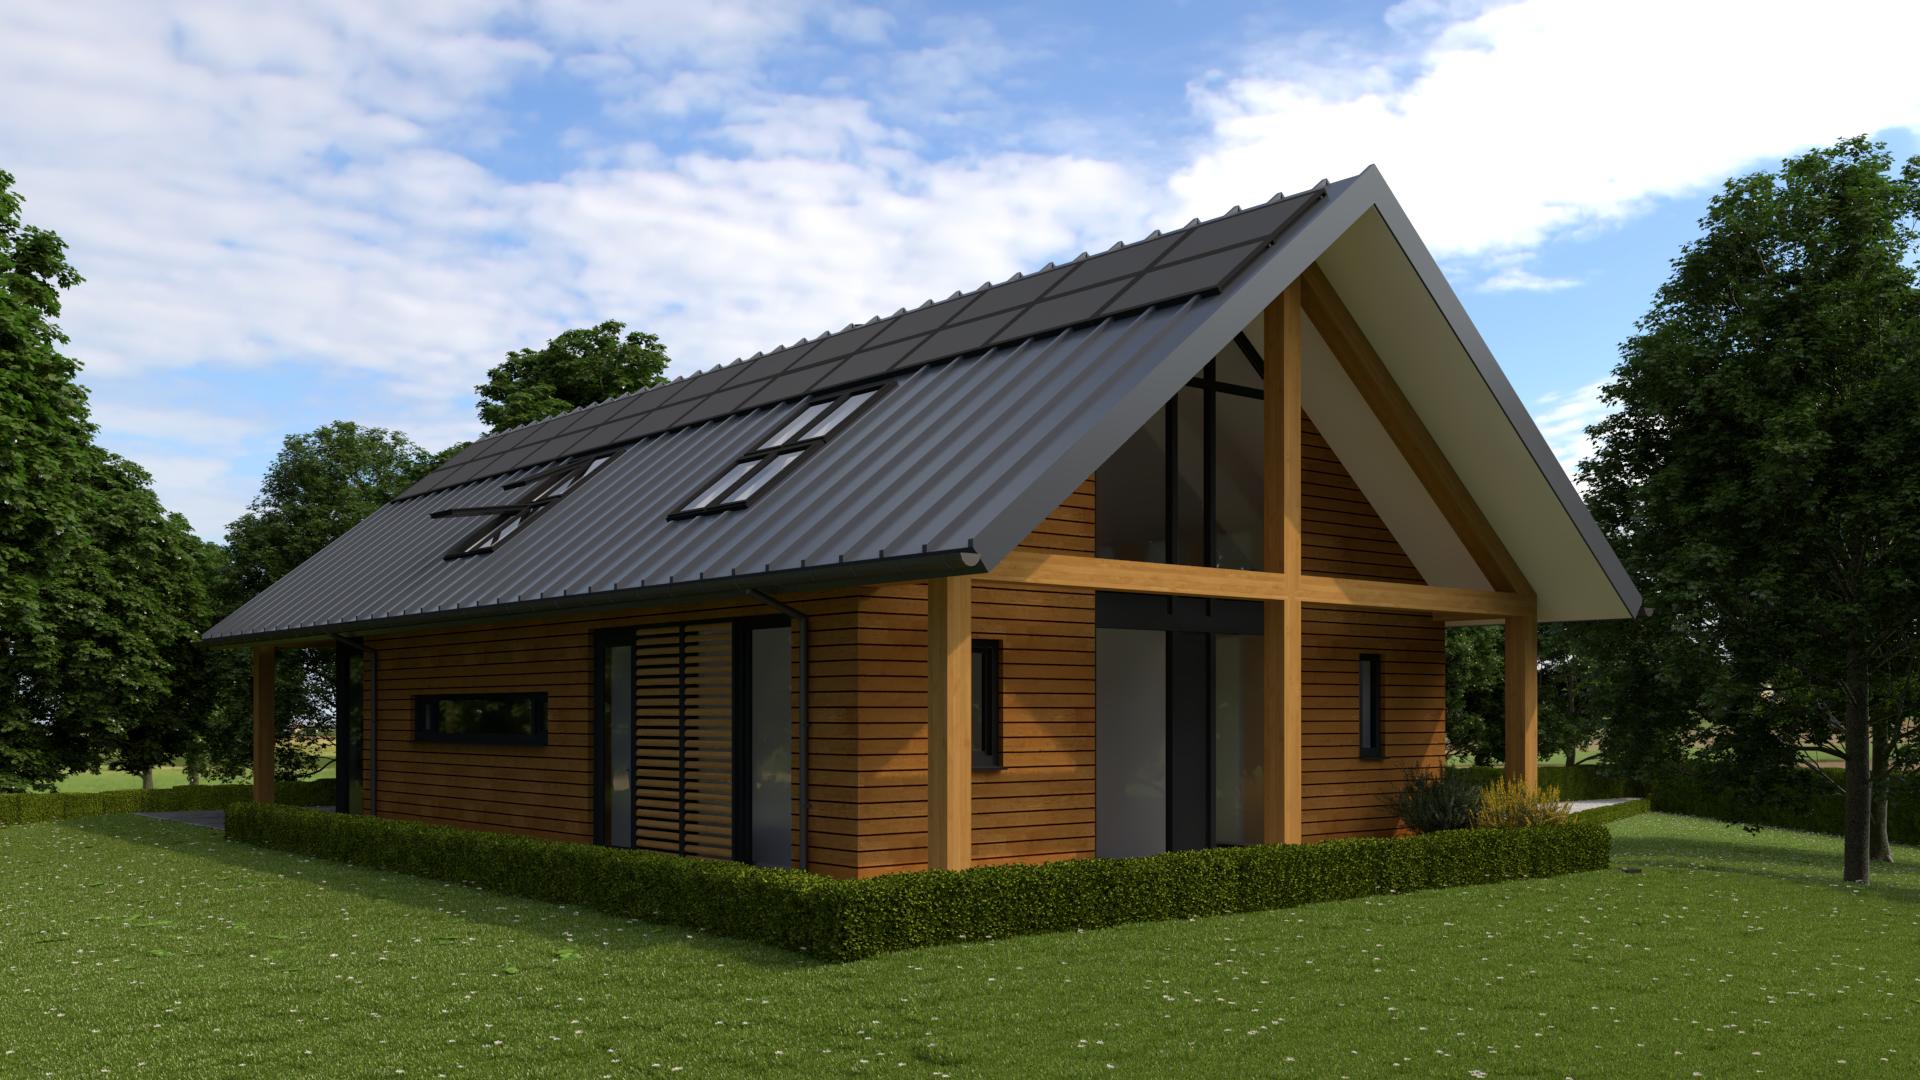 kosten houten woning bouwen